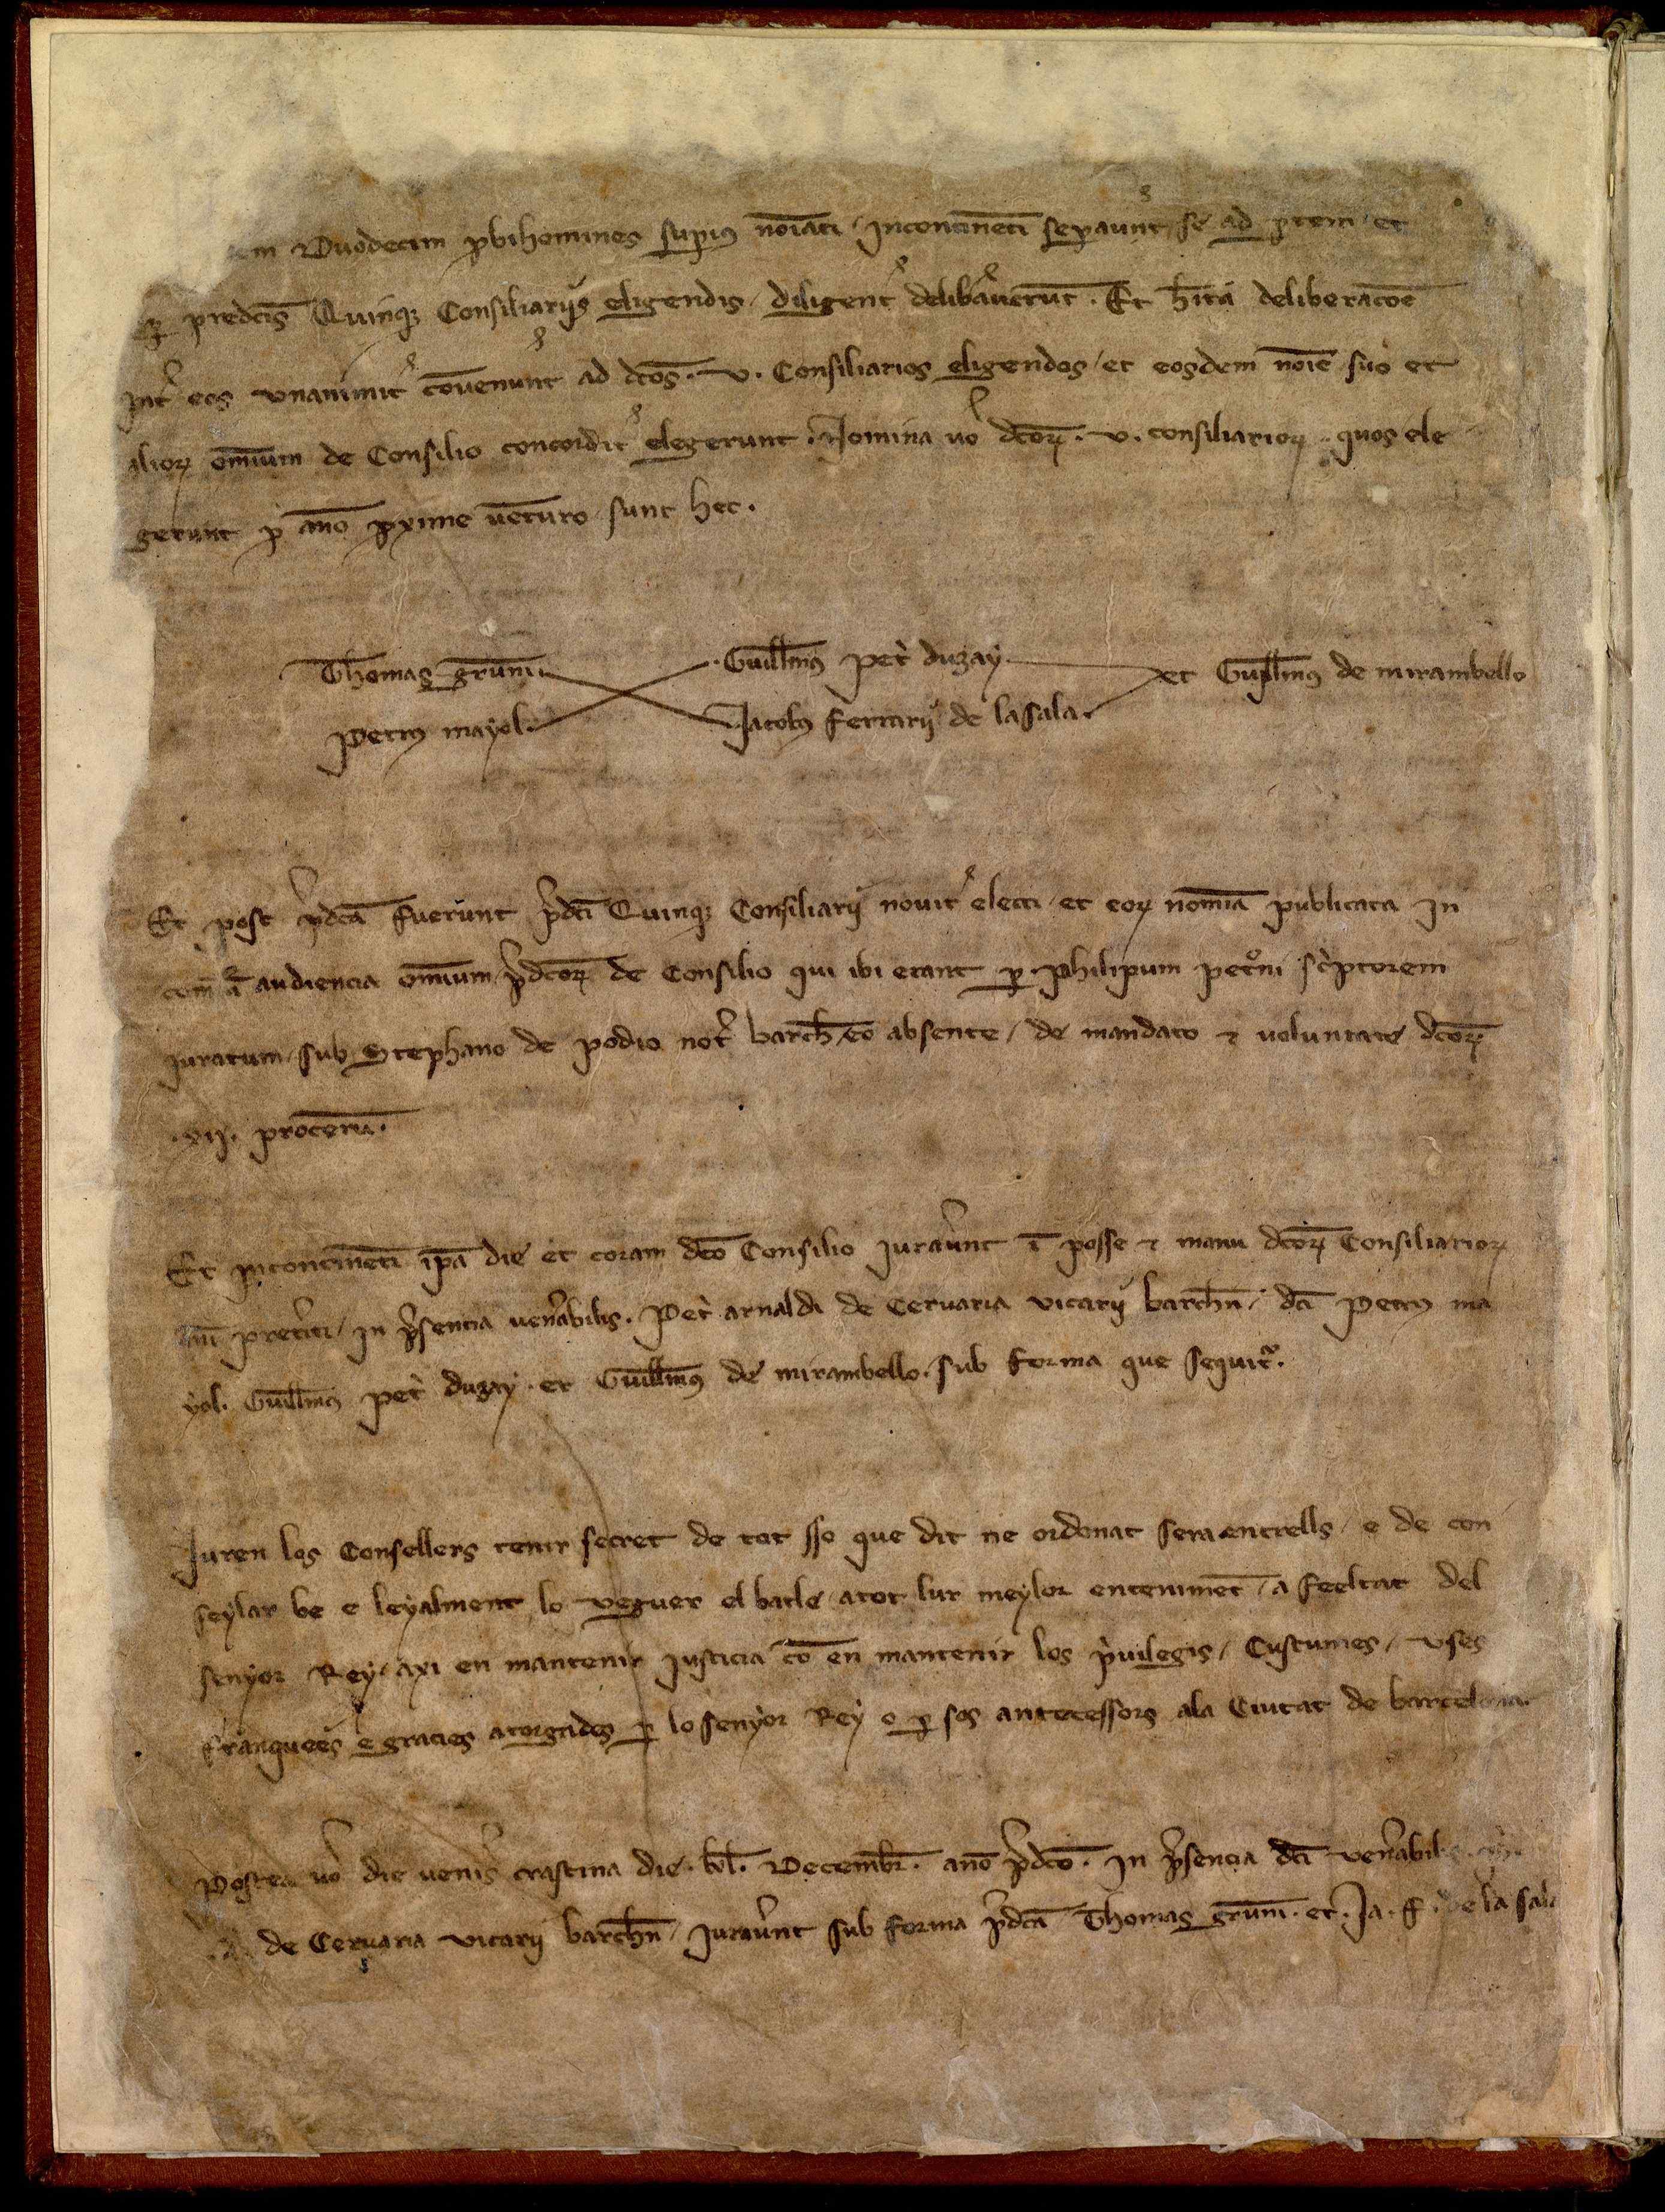 Libro de actas de las reuniones del Consejo de Ciento y del Consejo de Treinta (1310-1313): incluye la elección de cargos municipales y las deliberaciones de los Consejos. También contiene copias de la correspondencia enviada y recibida, así como ordenanzas, documentación contable y declaraciones de ciudadanía.